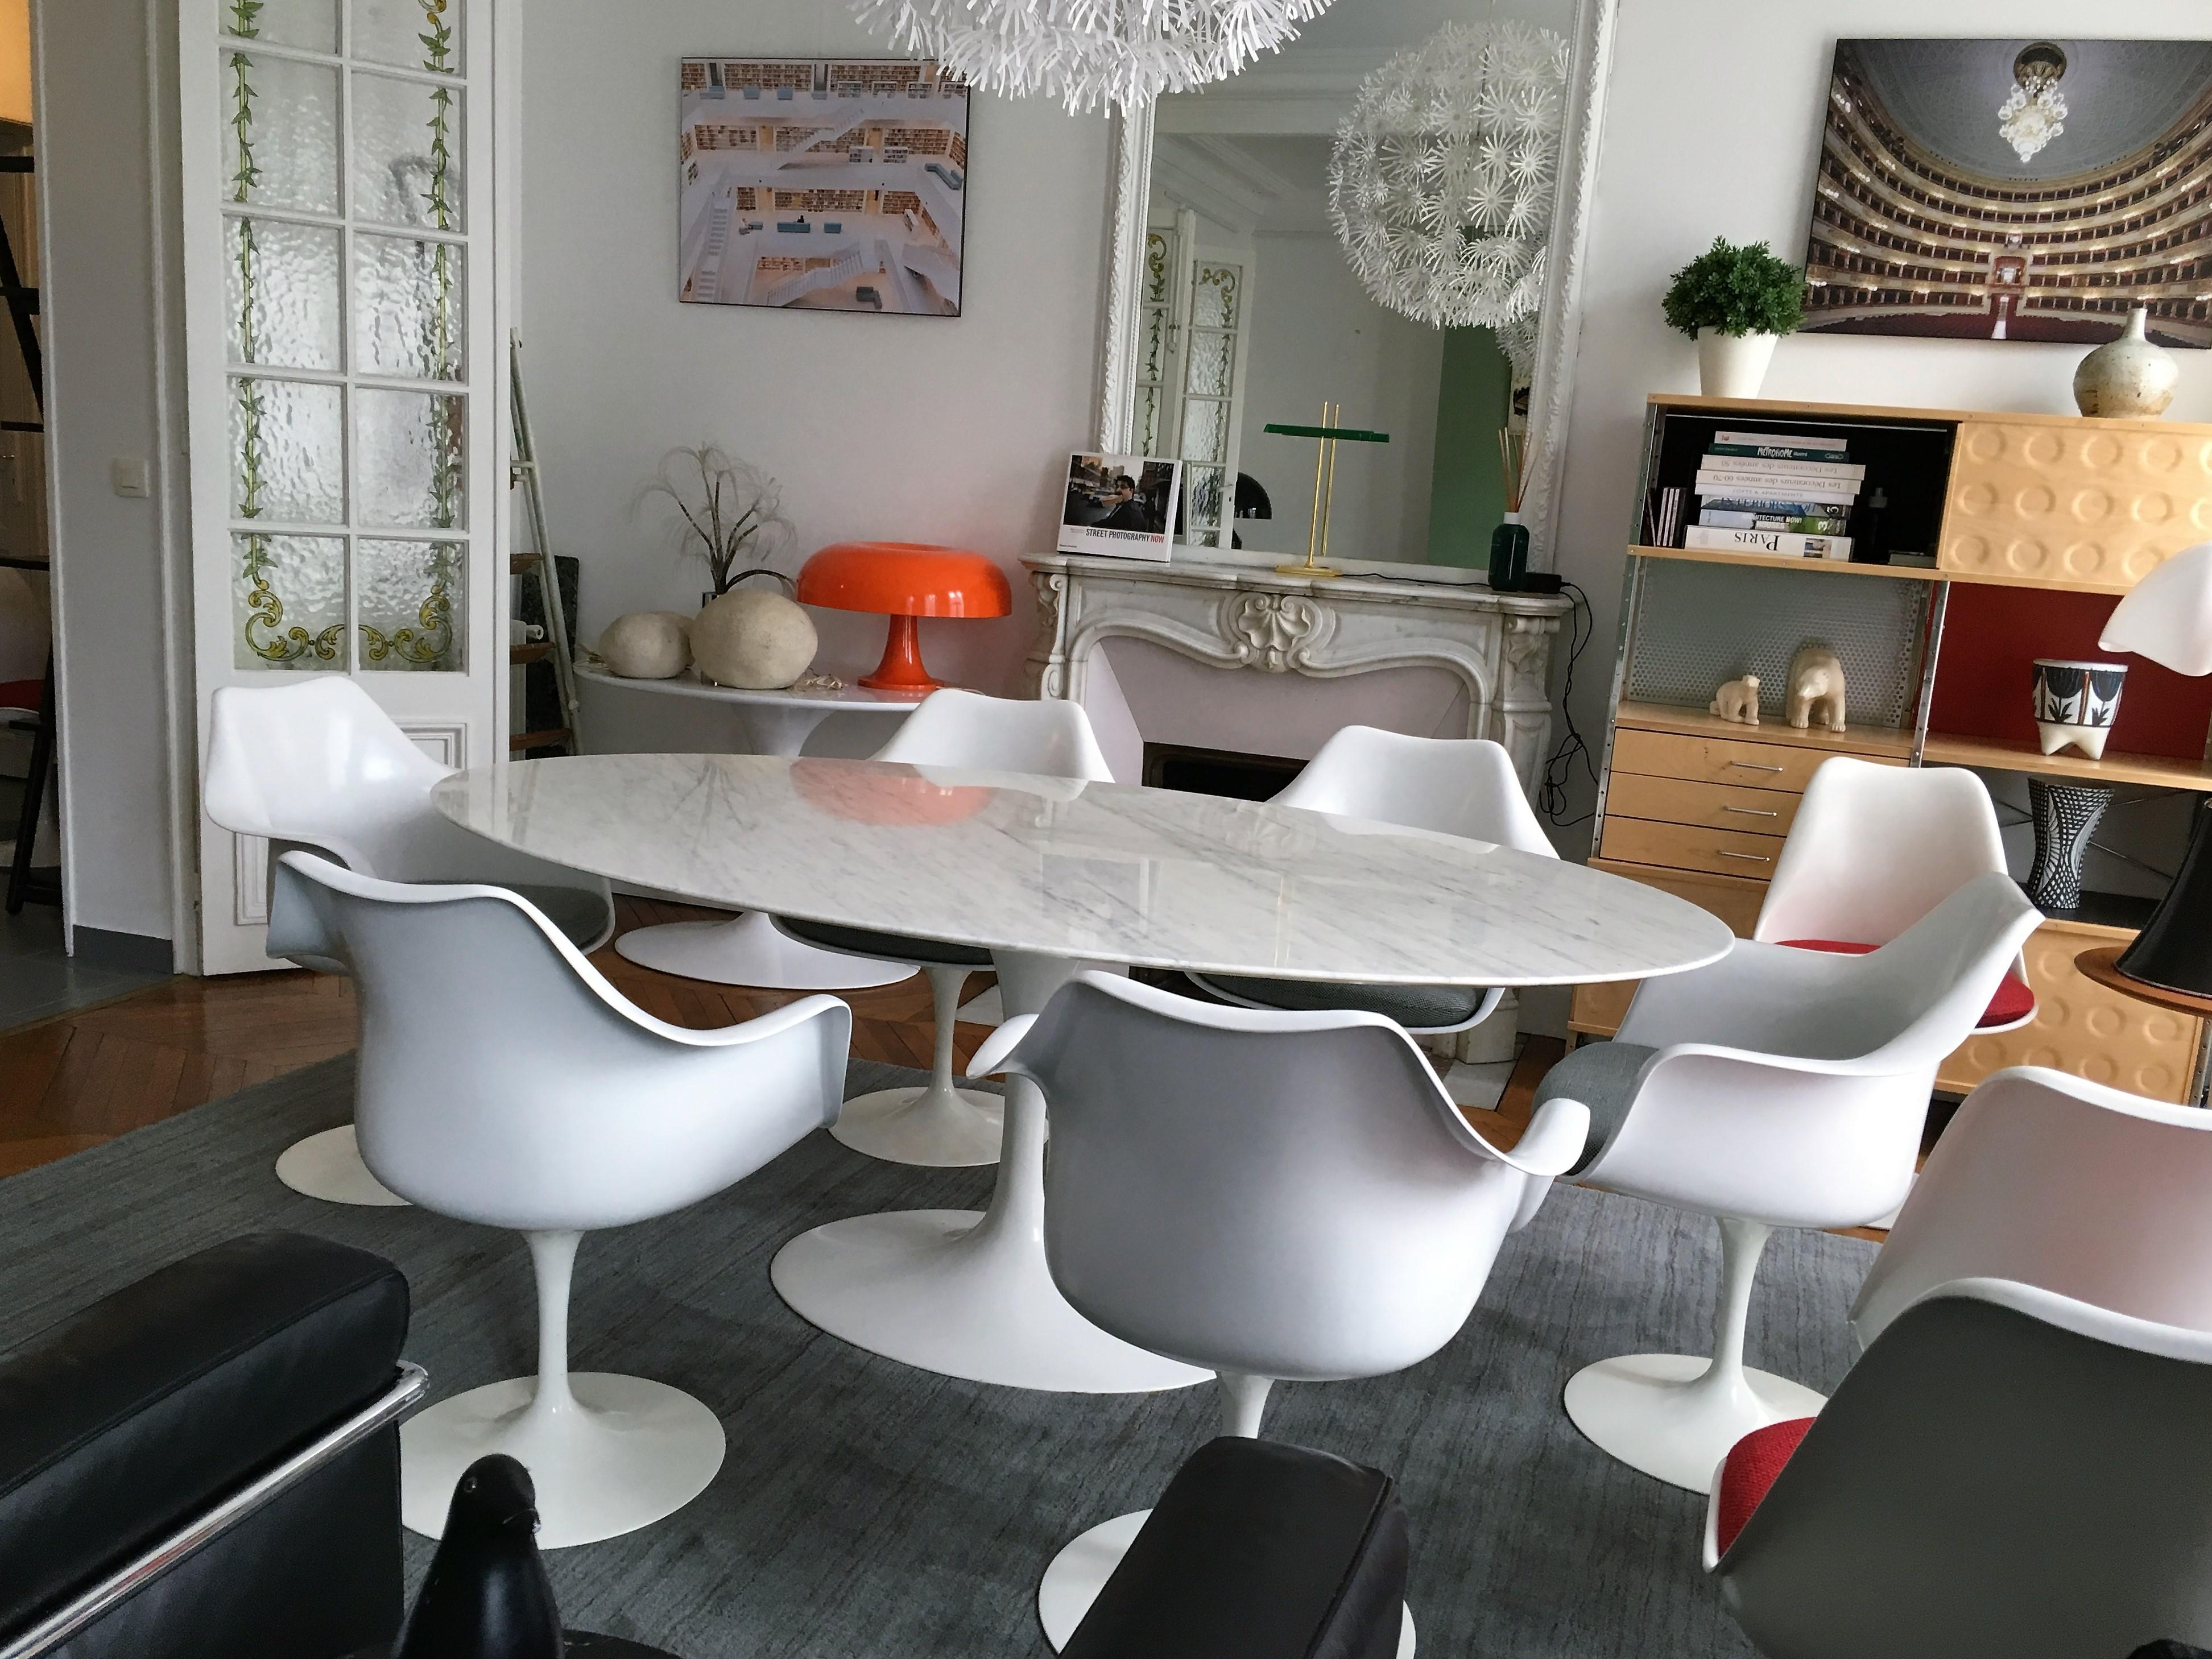 fauteuils saarinen dition knoll l 39 atelier 50 boutique vintage achat et vente mobilier. Black Bedroom Furniture Sets. Home Design Ideas